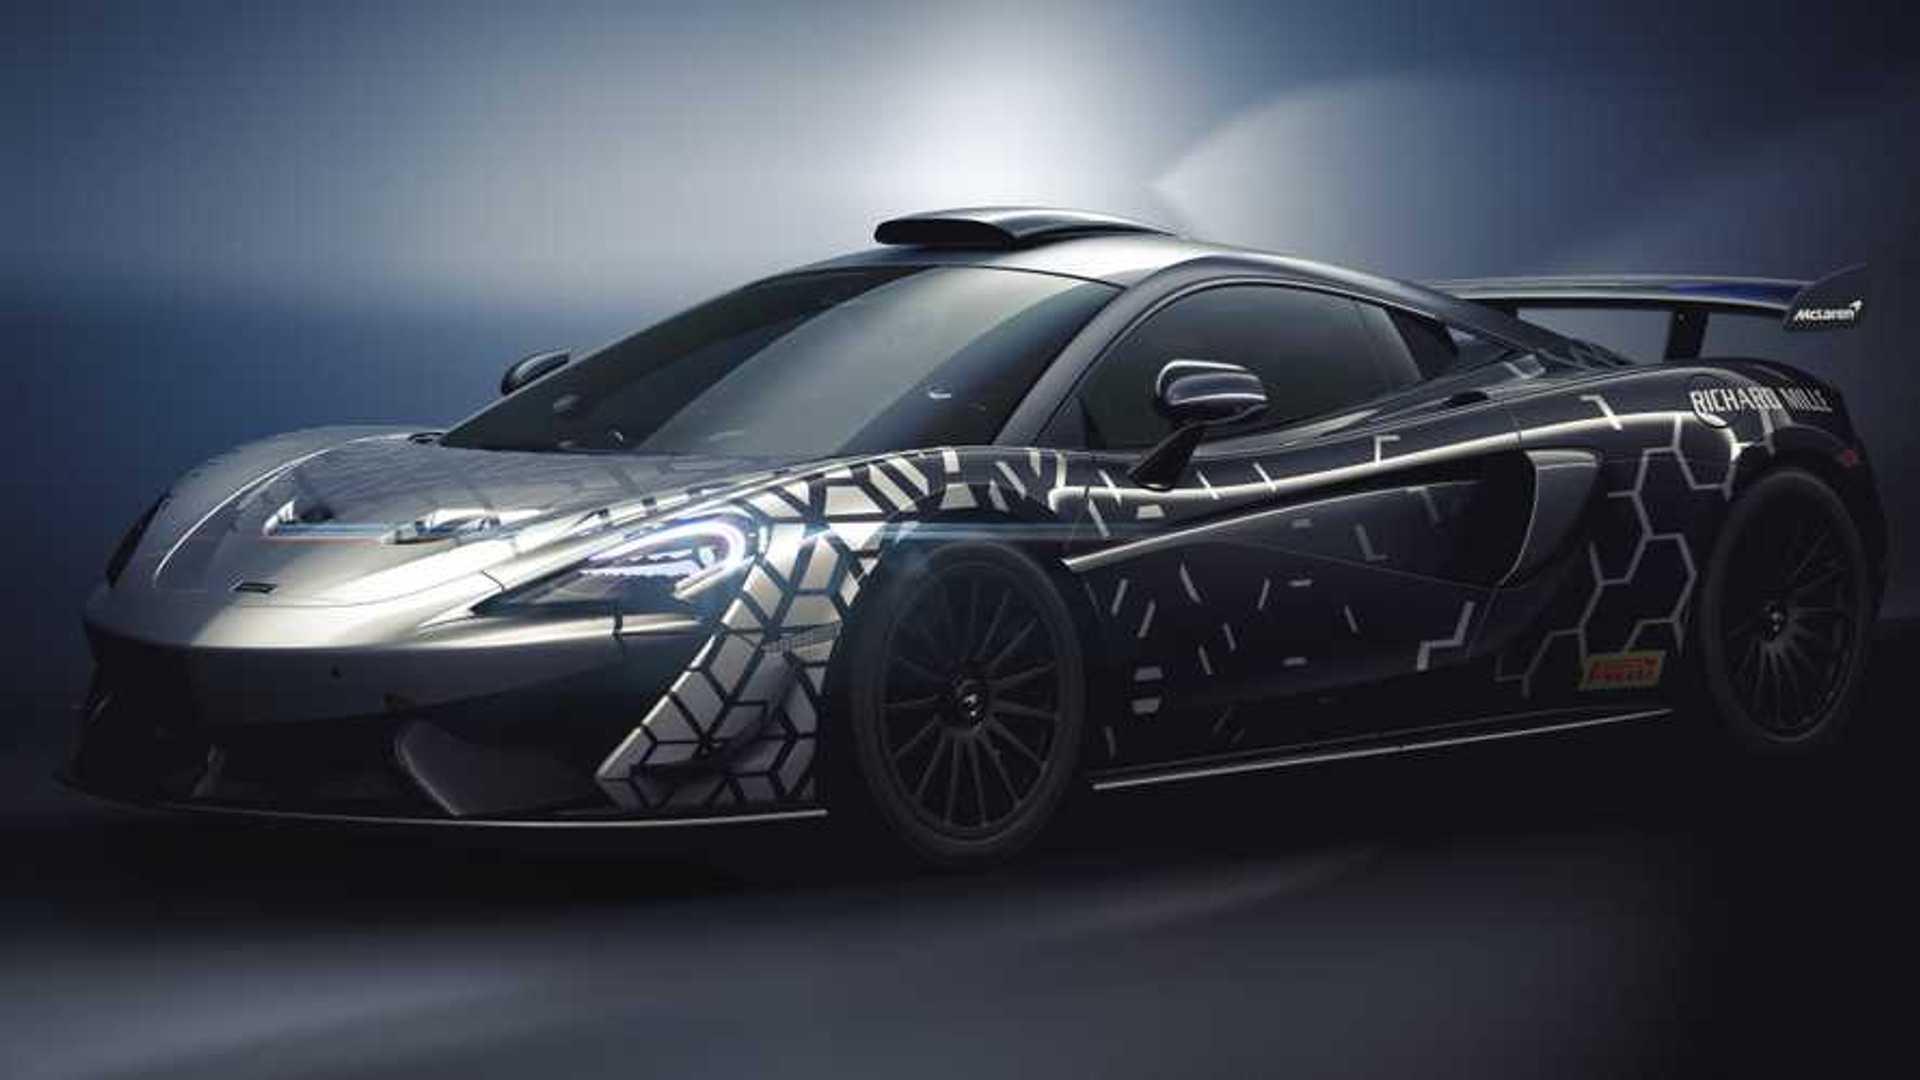 McLaren 620R revealed as road-legal GT4 race car